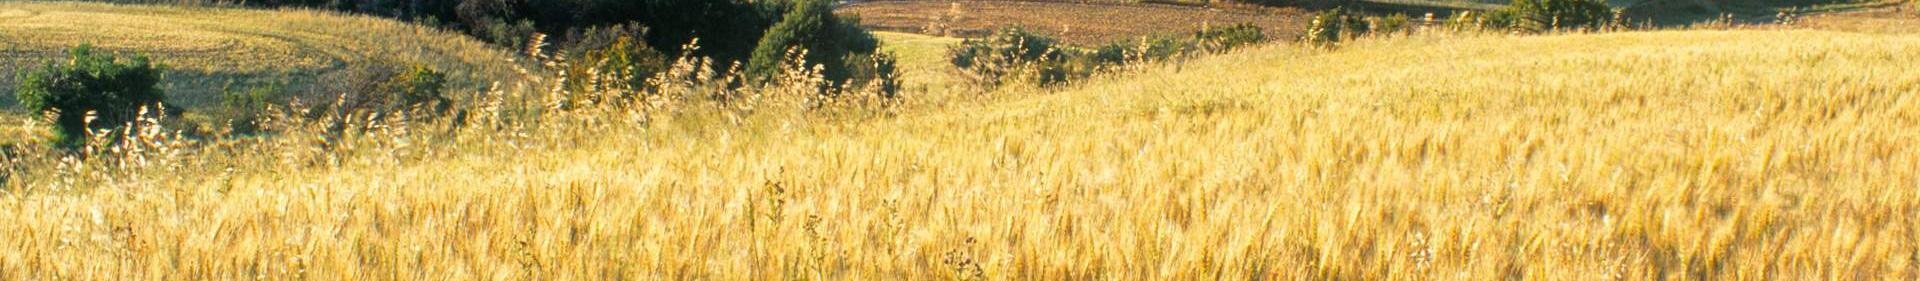 O grão de trigo é um alimento básico usado para fazer farinha e, com esta, o pão, na alimentação dos animais domésticos e como ingrediente no fabrico de cerveja. O trigo é também plantado estritamente como forragem para animais domésticos, como o feno.